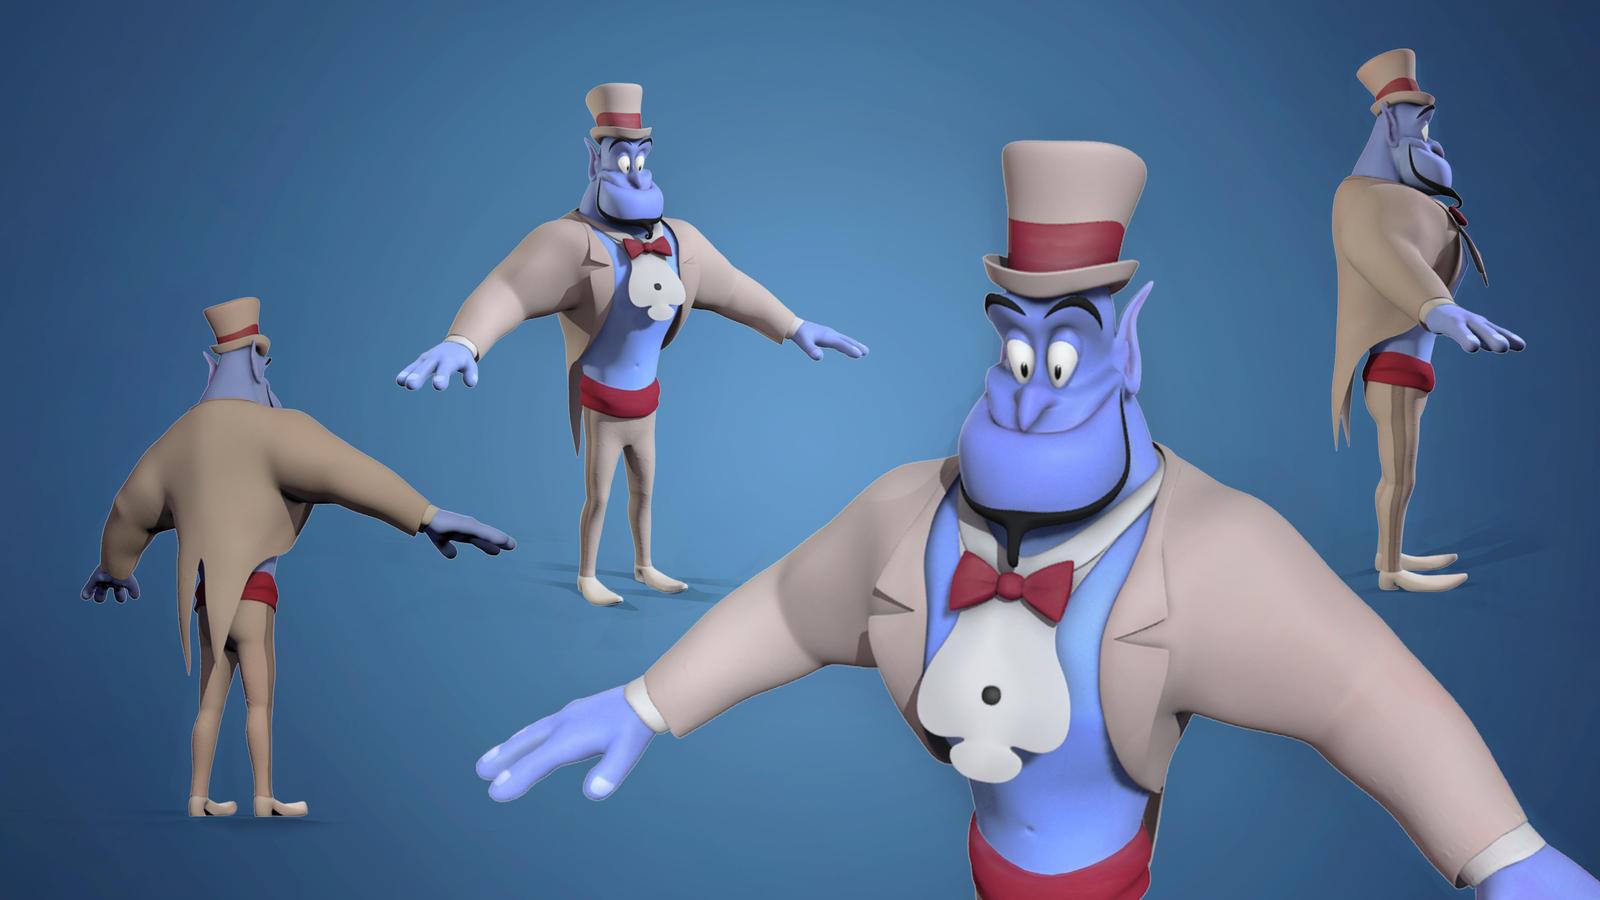 Aladdin Genie By NiFoxART